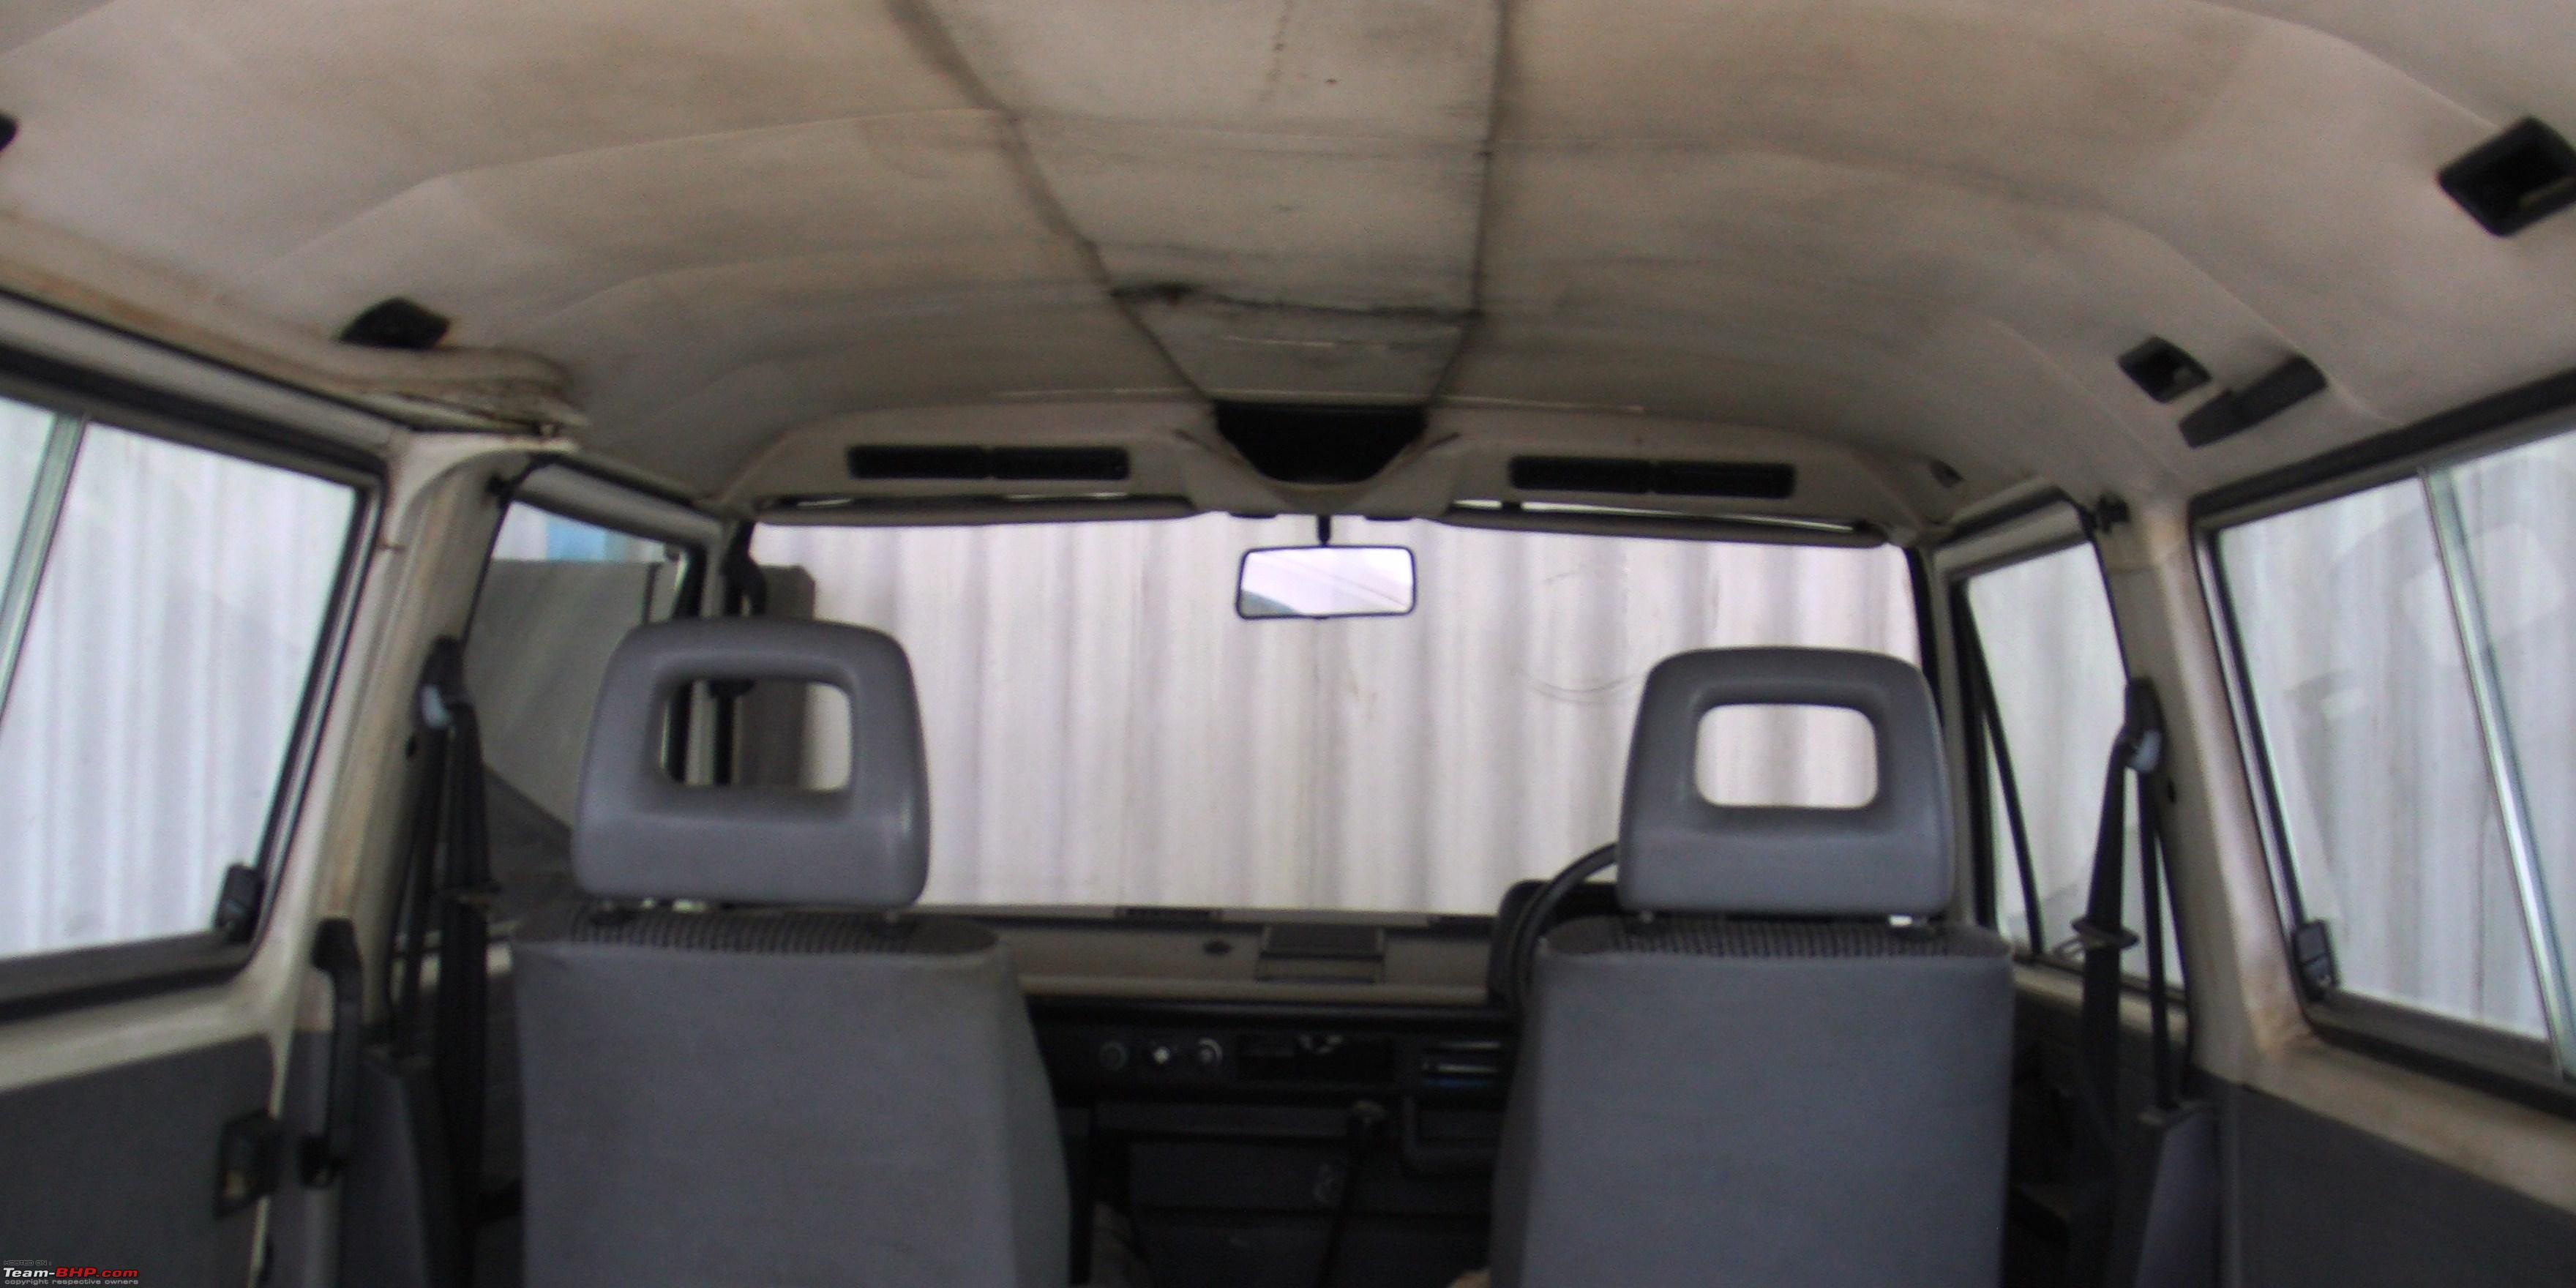 My Td To Tdi Vw Van 1990 Model Team Bhp